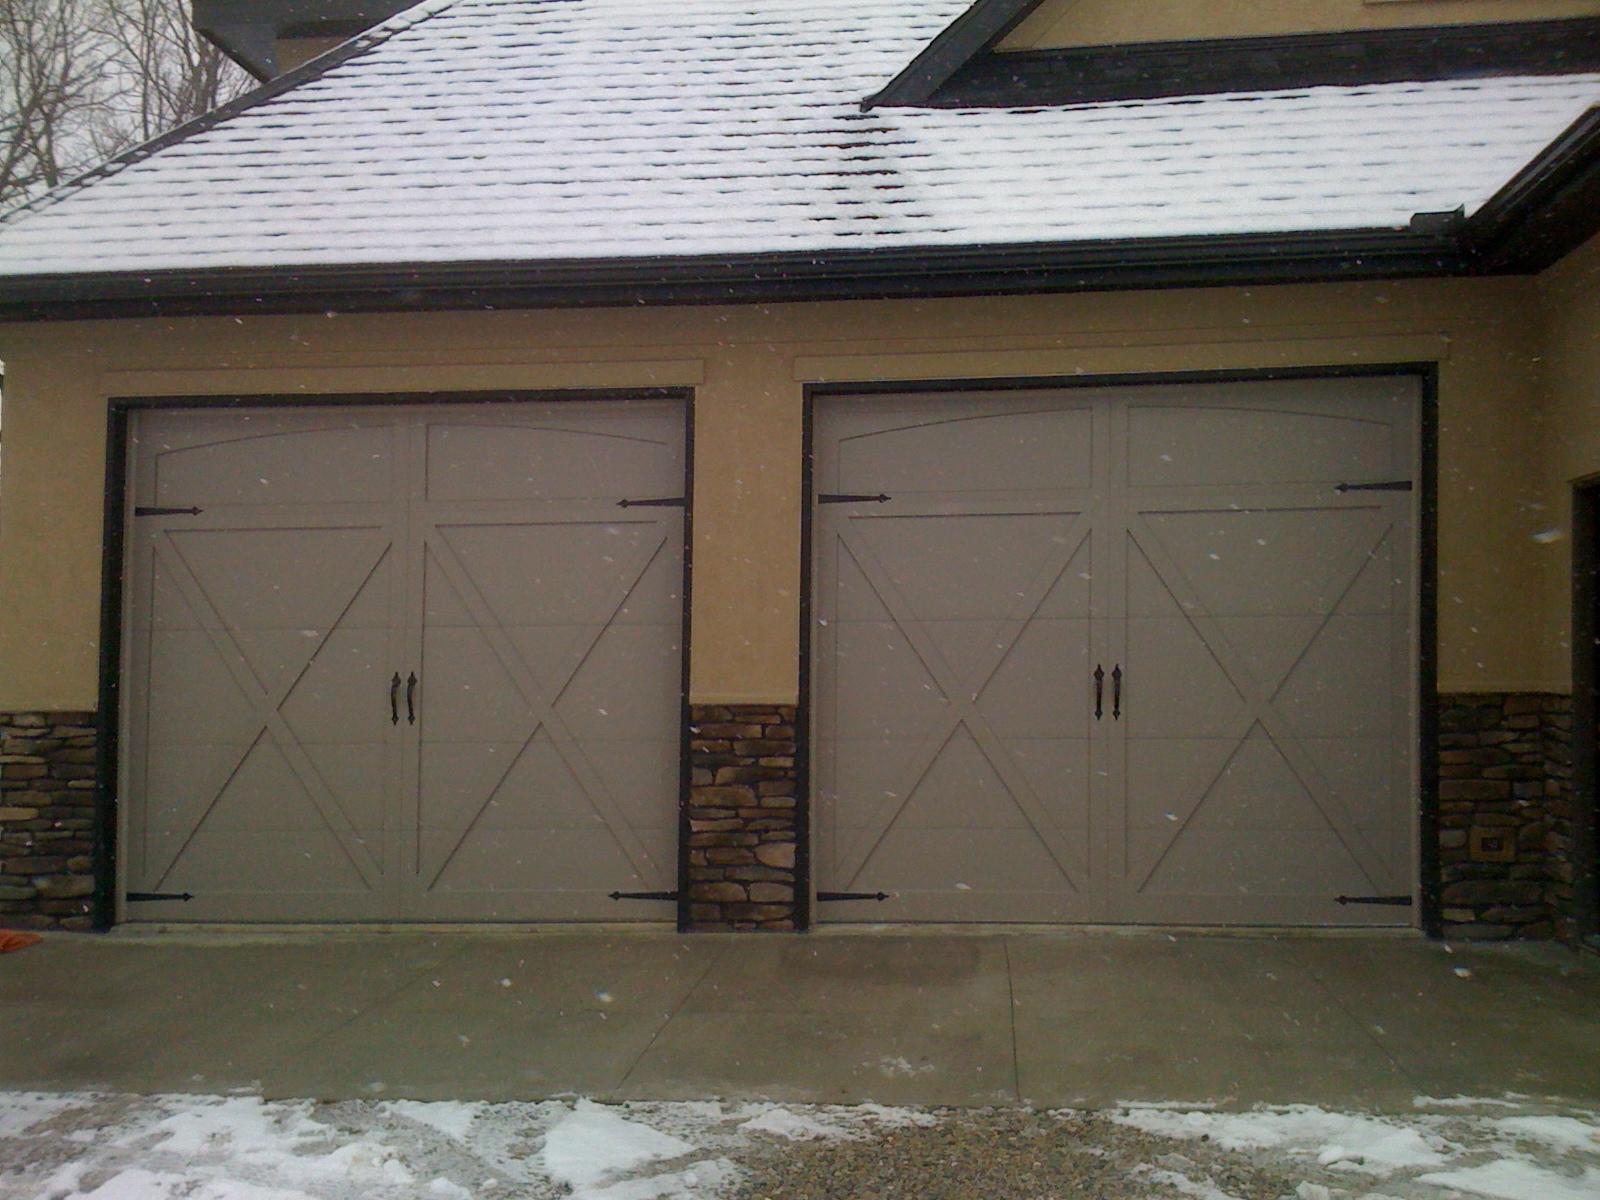 1200 #5C4F40 Custom Garage Doors Ltd In Arcanum OH 45304 ChamberofCommerce.com picture/photo Specialty Garage Doors 36891600